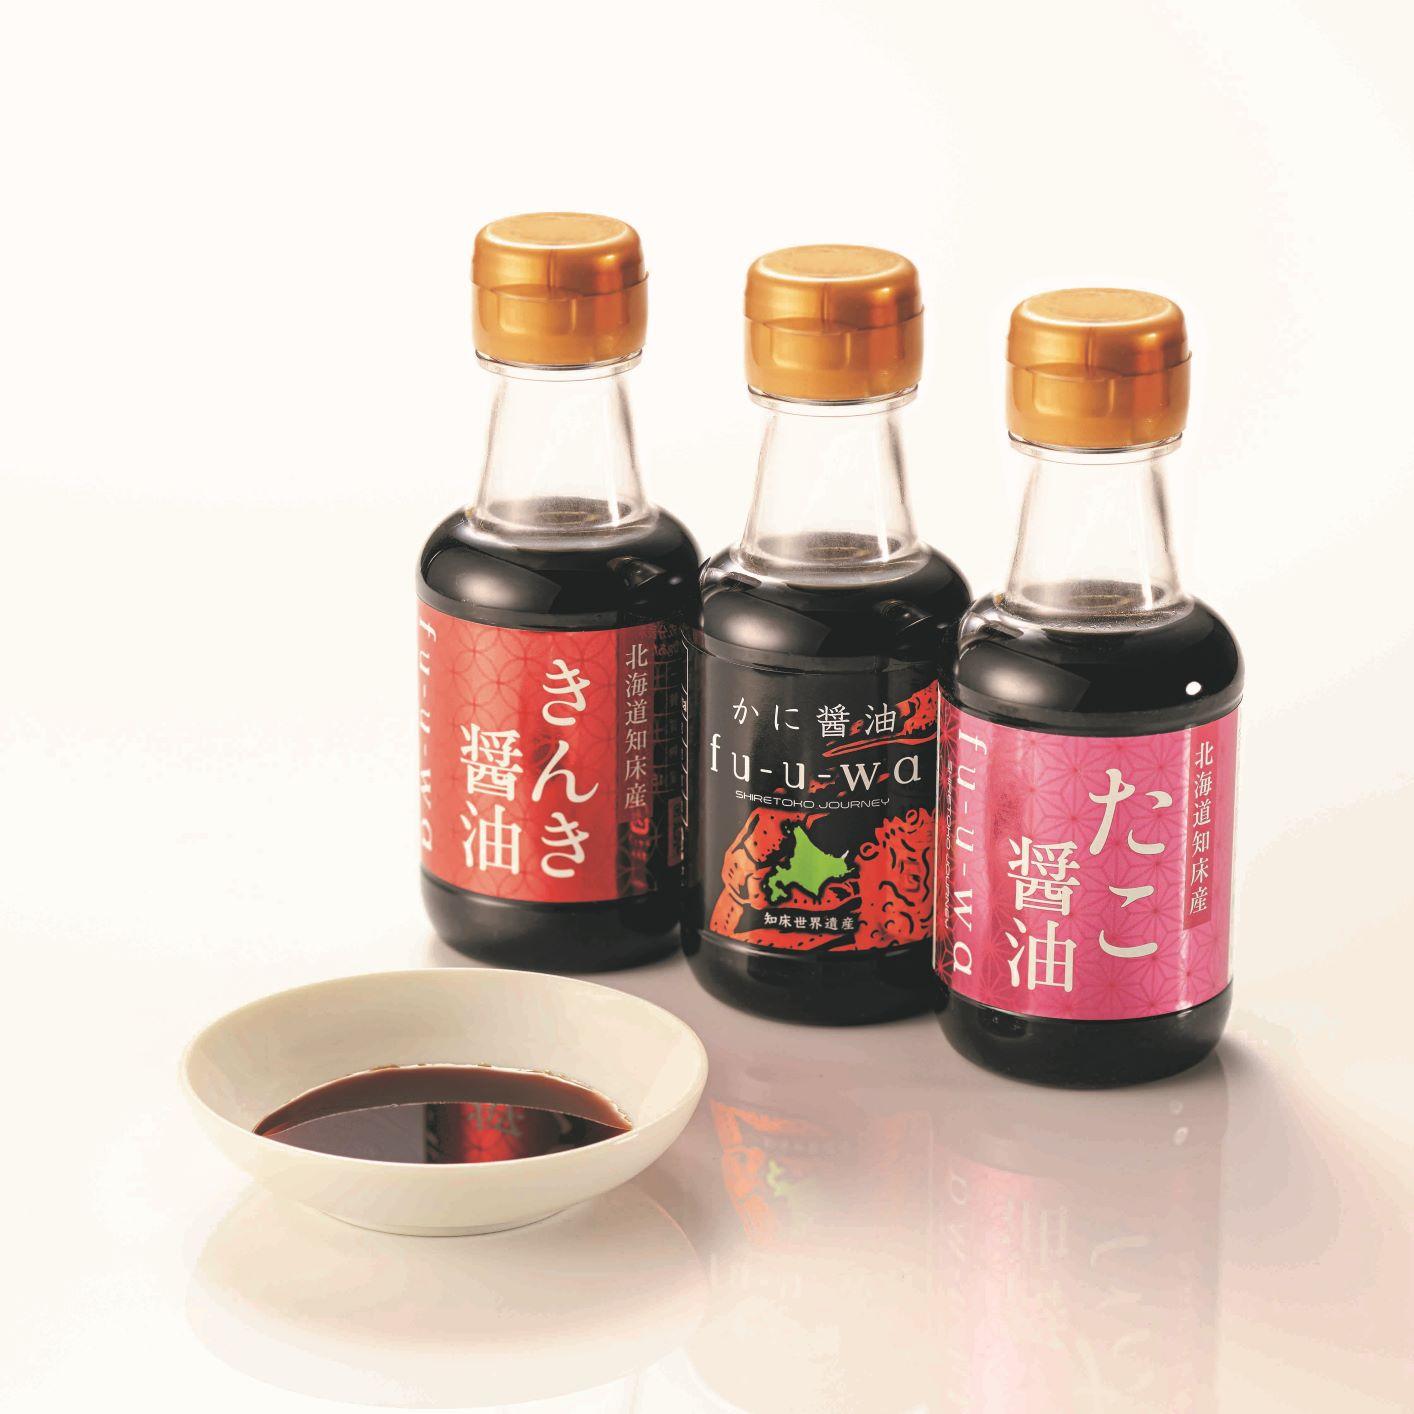 知床海鮮醤油セット(日・知床ジャニー)(週刊新潮DM紹介)